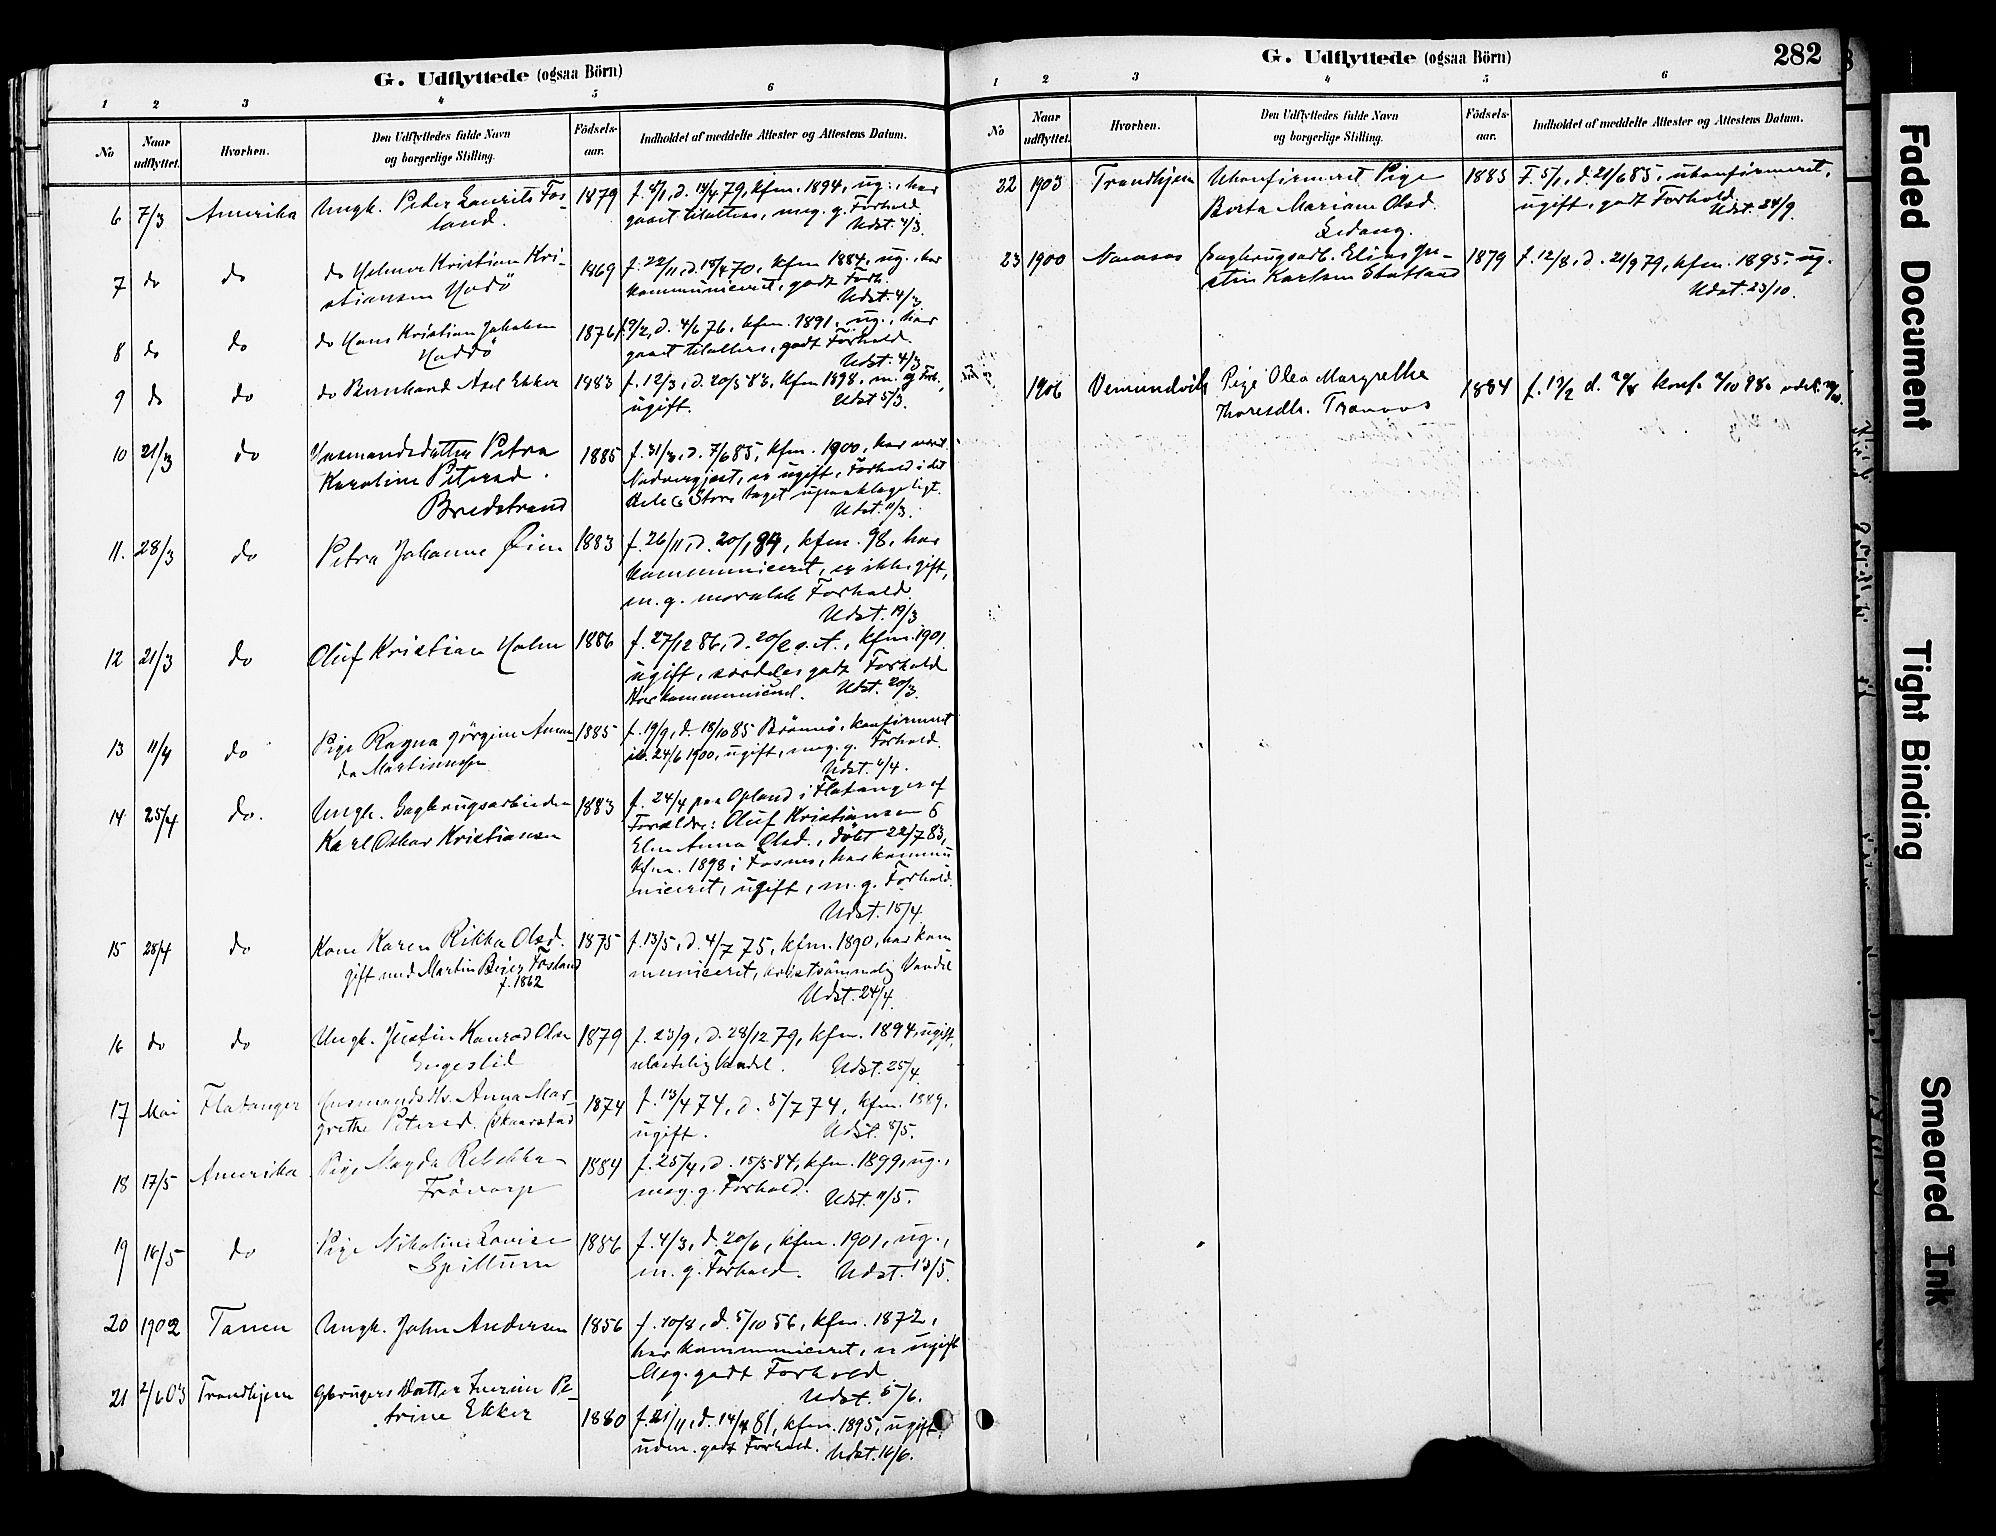 SAT, Ministerialprotokoller, klokkerbøker og fødselsregistre - Nord-Trøndelag, 774/L0628: Ministerialbok nr. 774A02, 1887-1903, s. 282